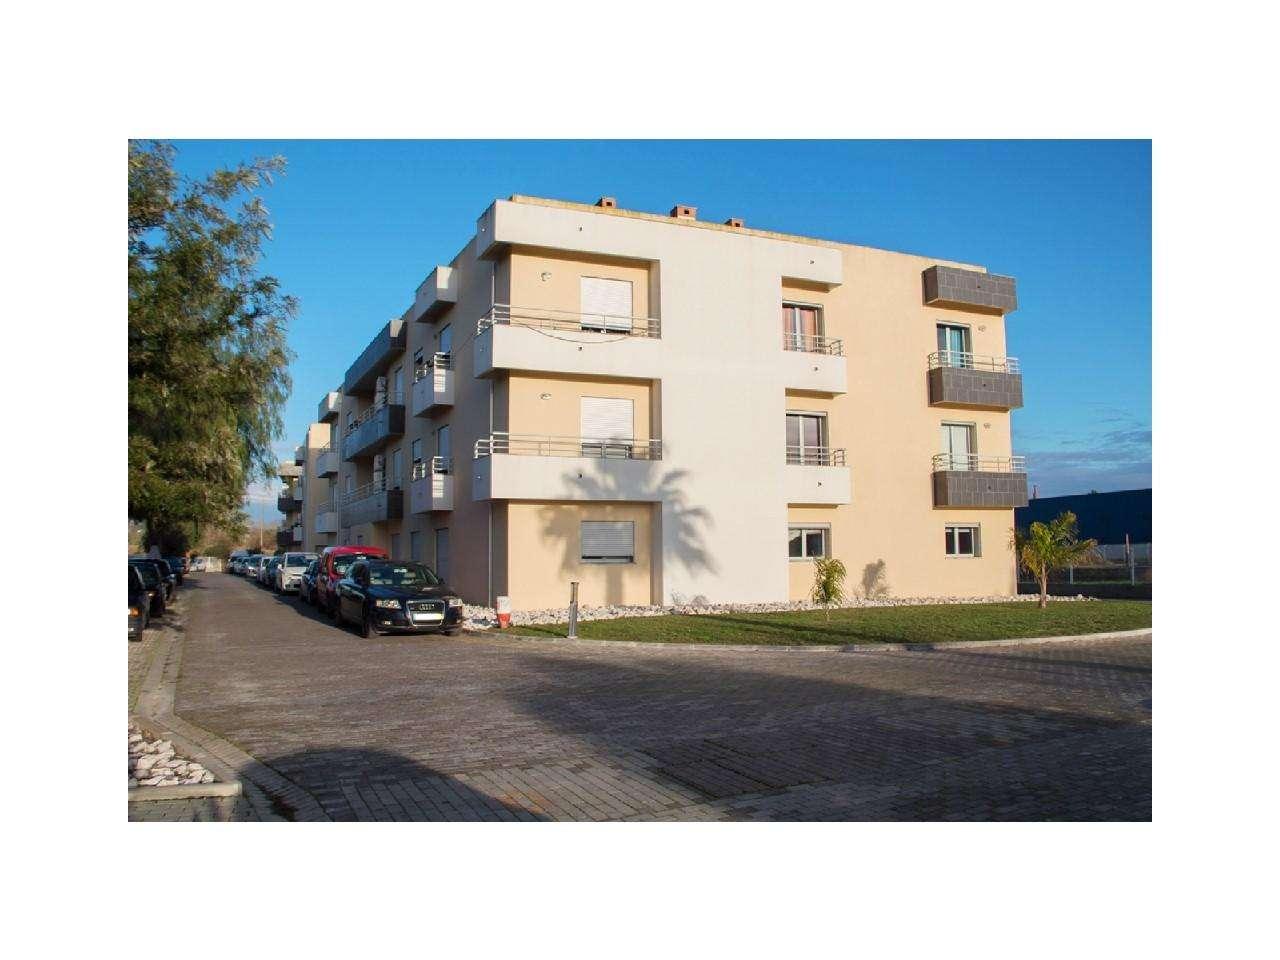 Apartamento para comprar, Tomar (São João Baptista) e Santa Maria dos Olivais, Tomar, Santarém - Foto 1